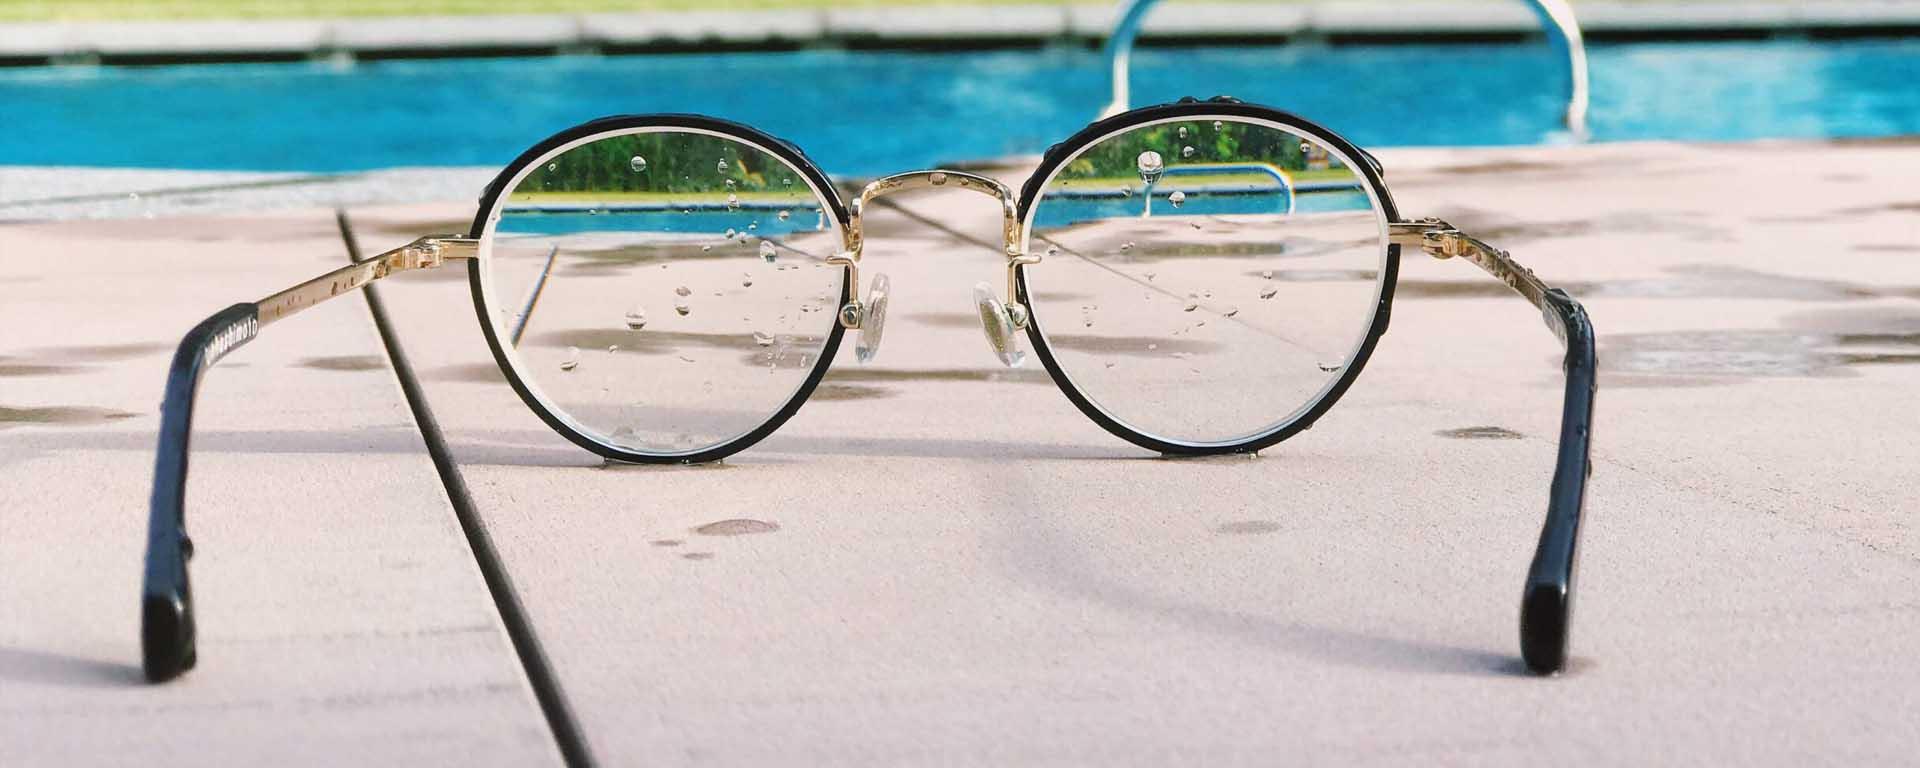 Zwembad met Bril